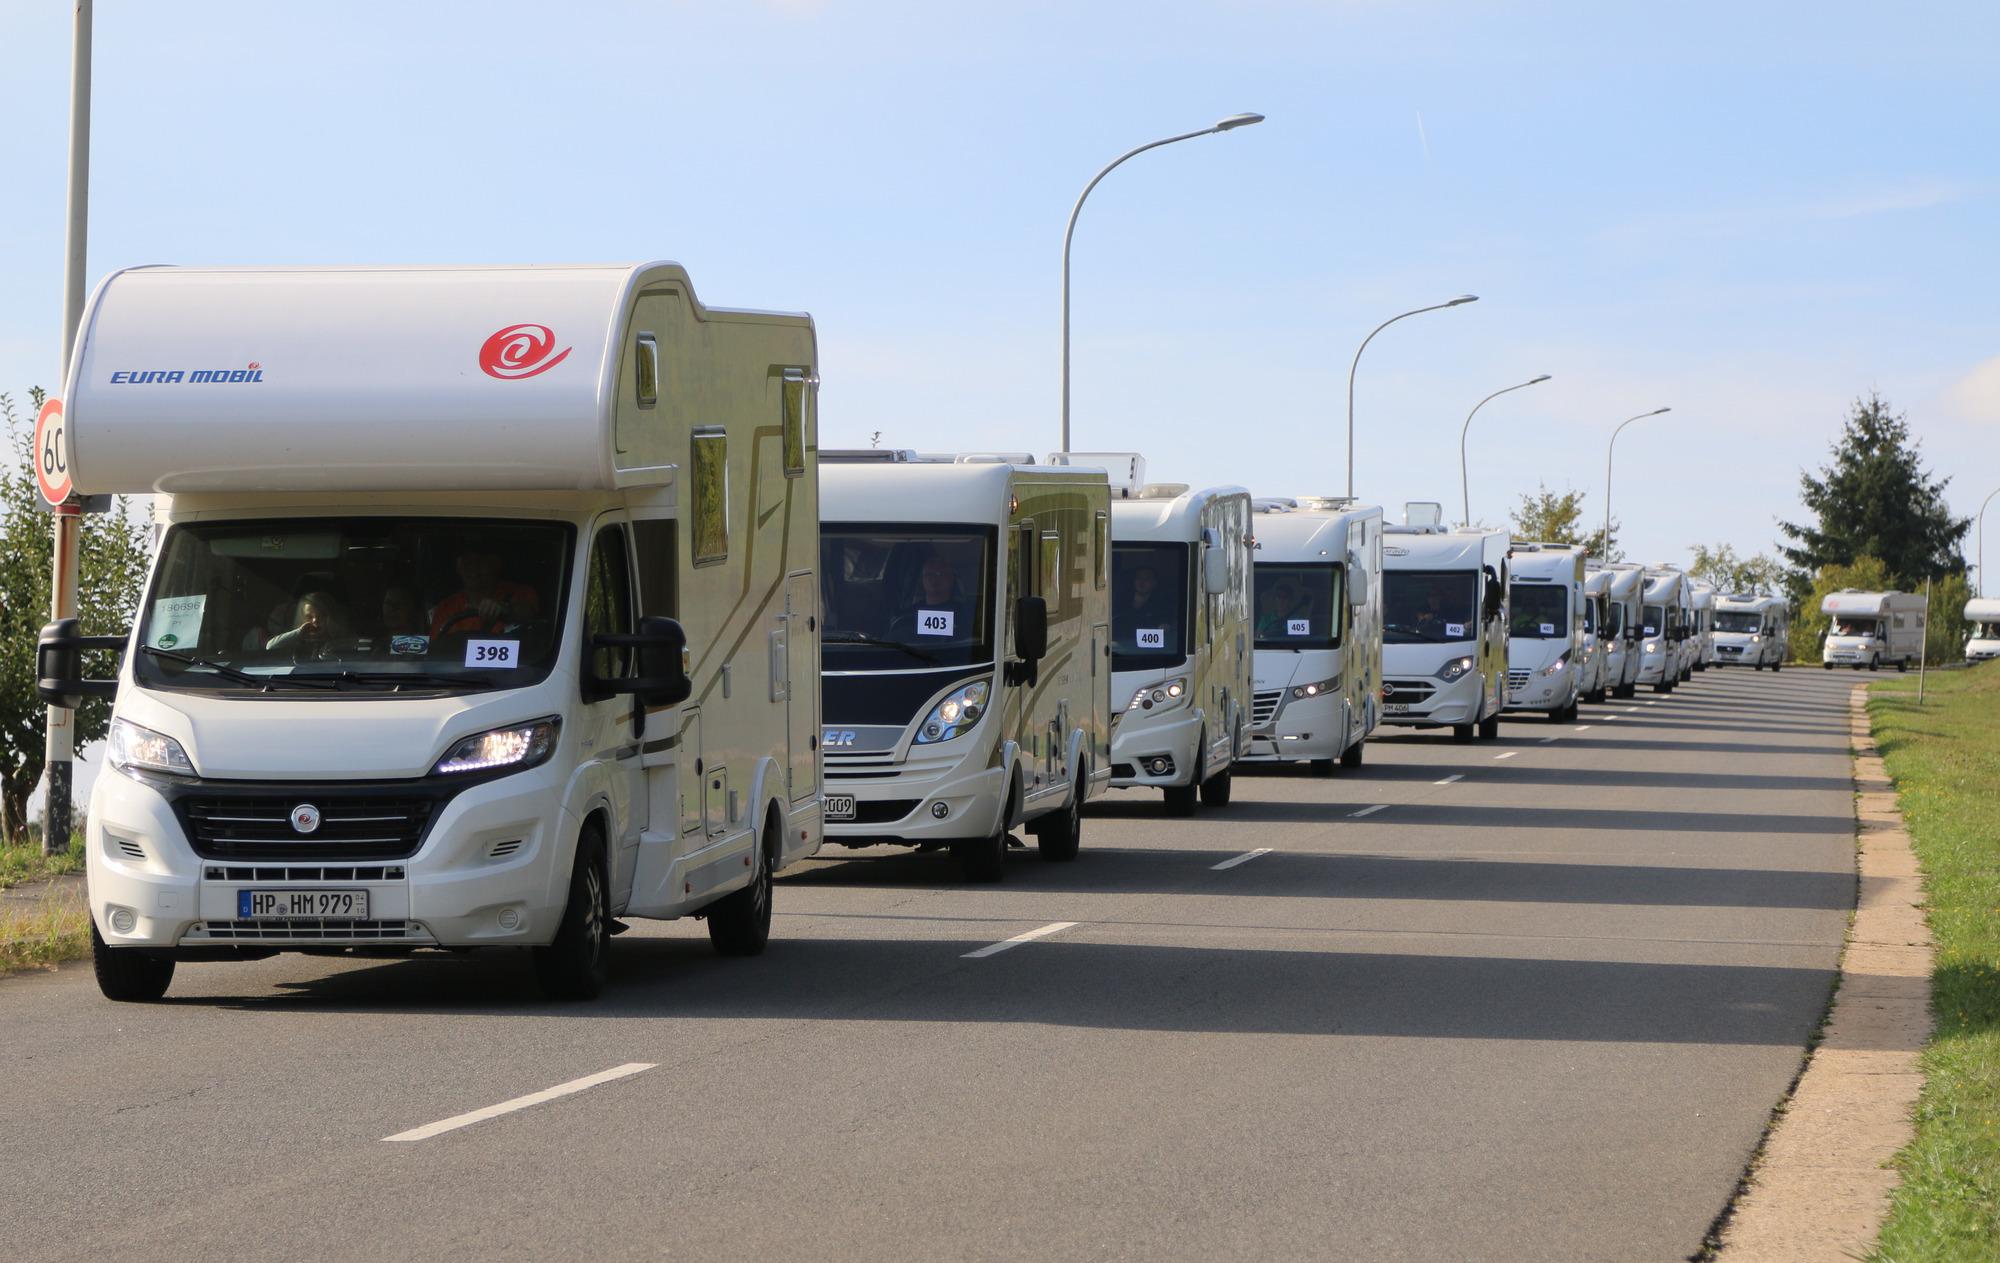 Wohnmobil-Weltrekord Hardheim: Camper scheitern auch mit dem